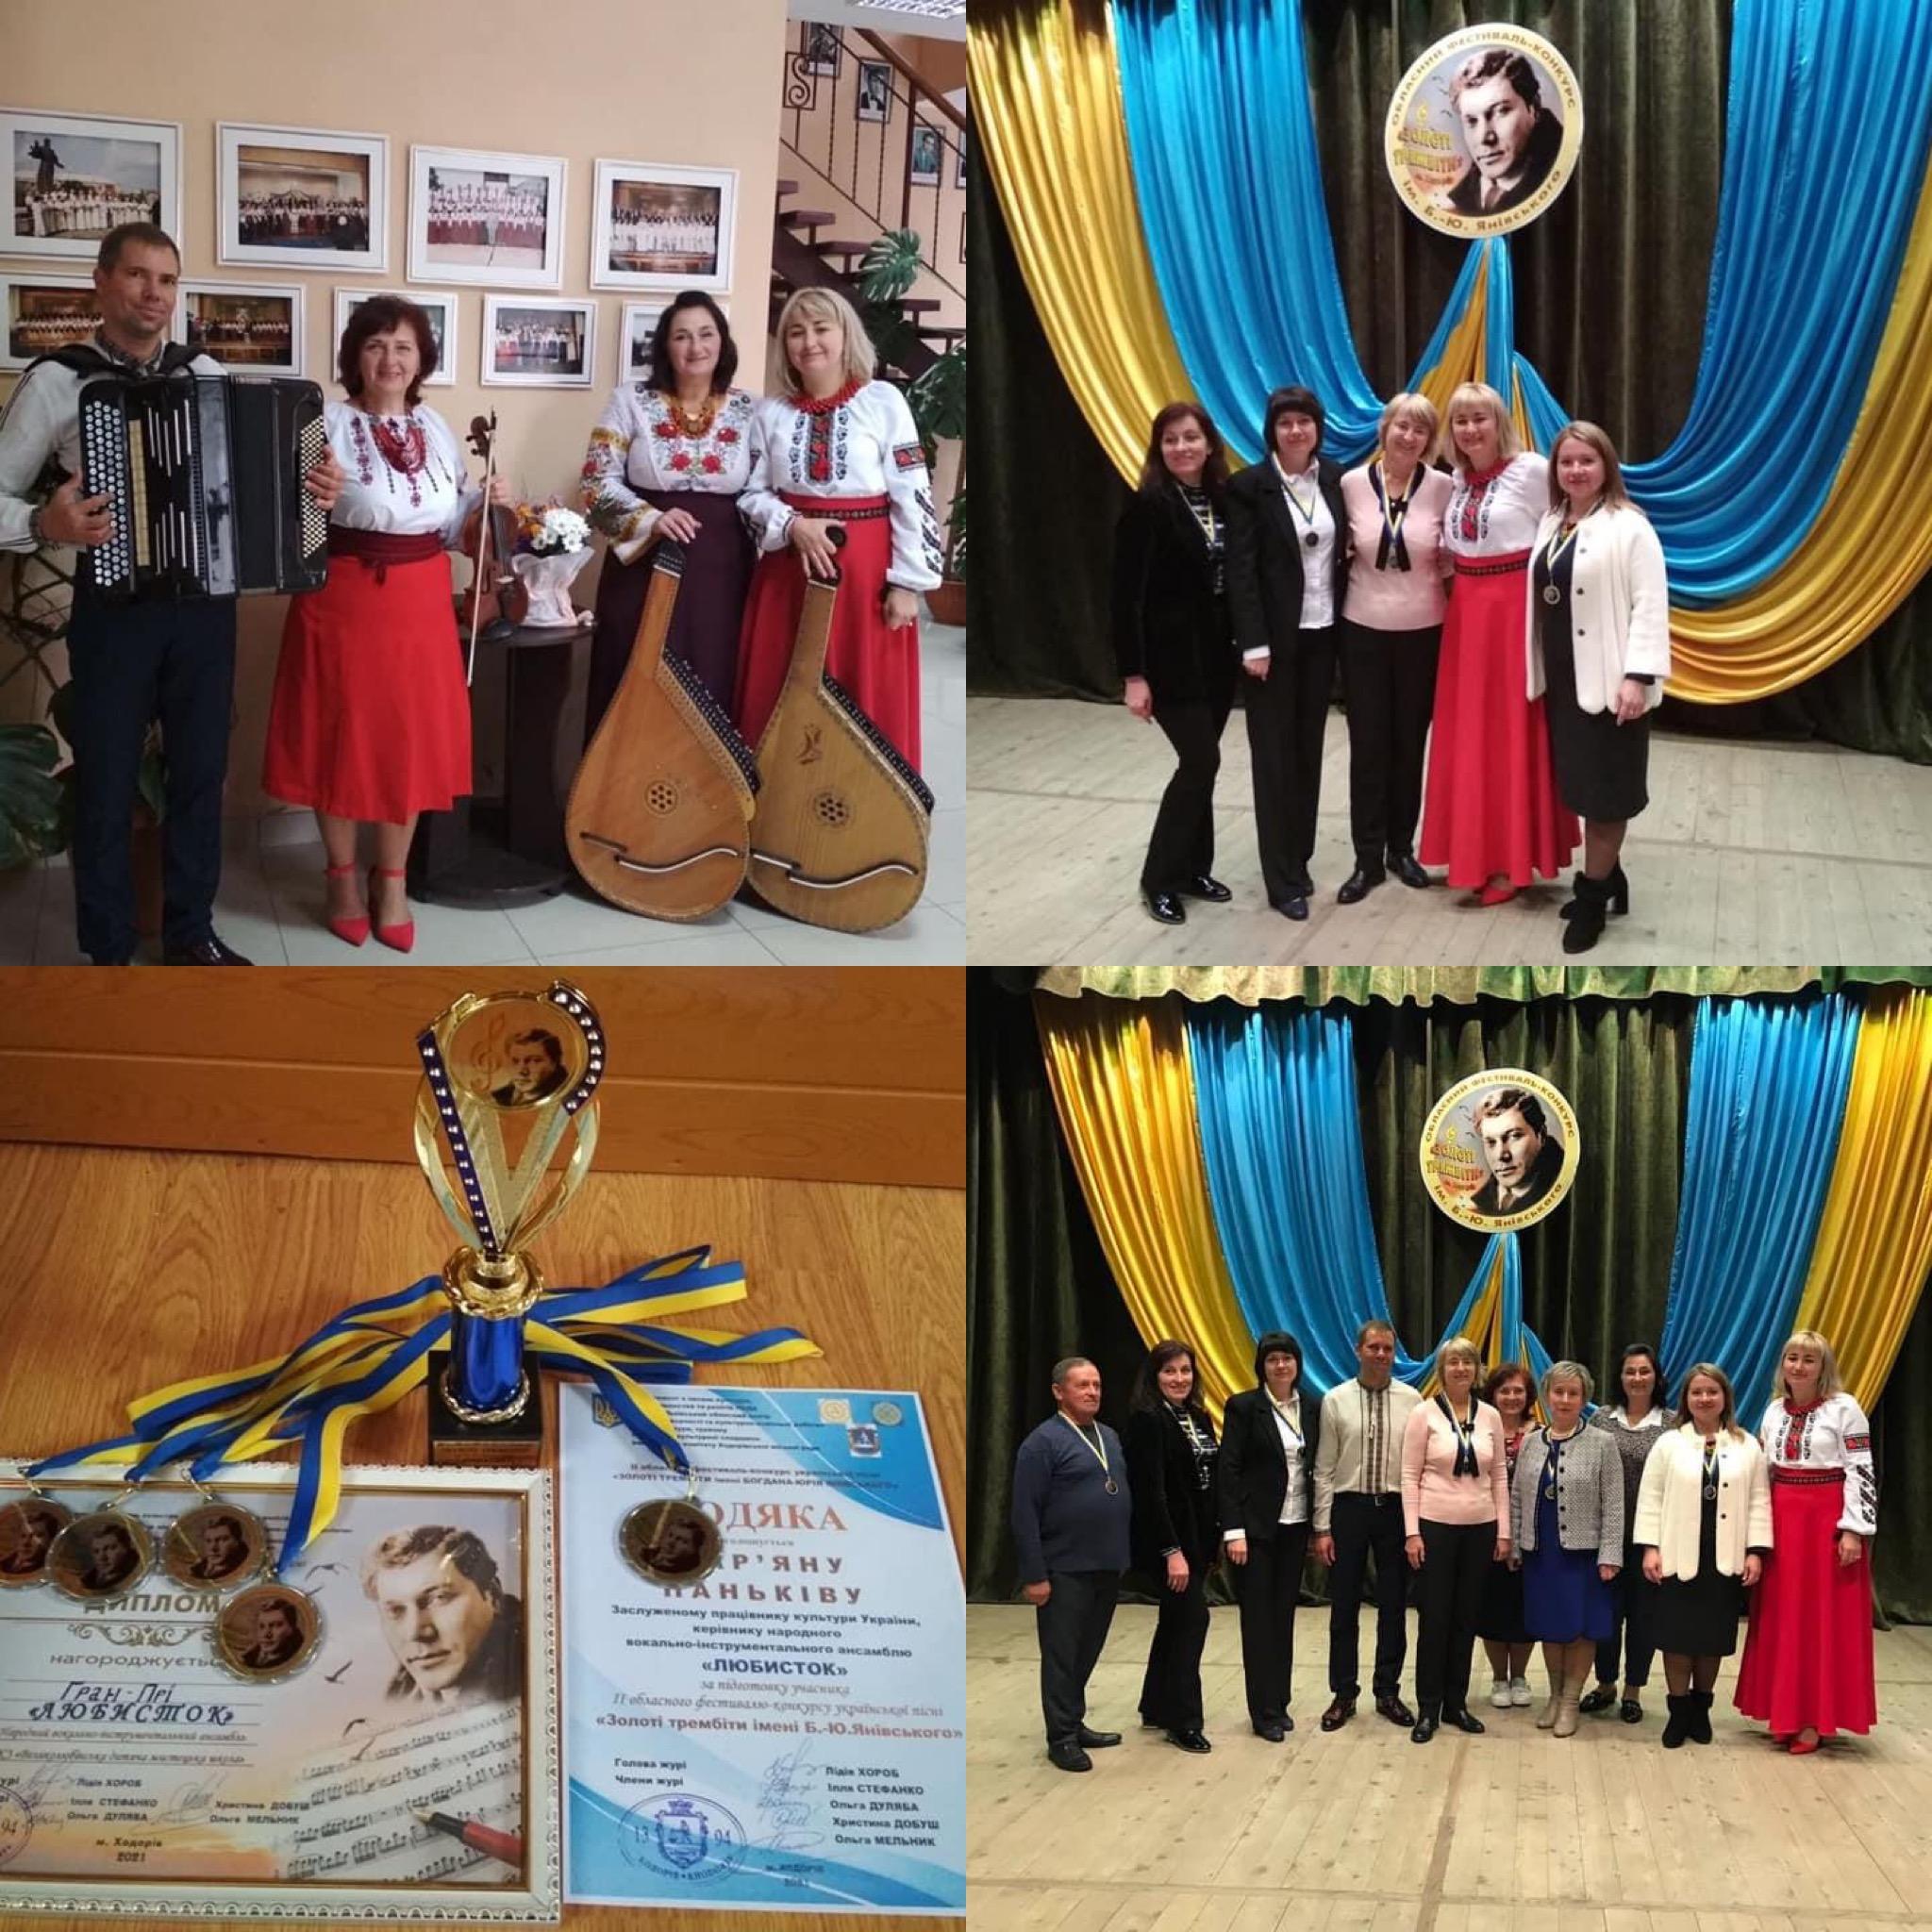 Вітаємо з грандіозною перемогою, з отриманням Гран-прі народний вокально-інструментальний ансамбль «Любисток»